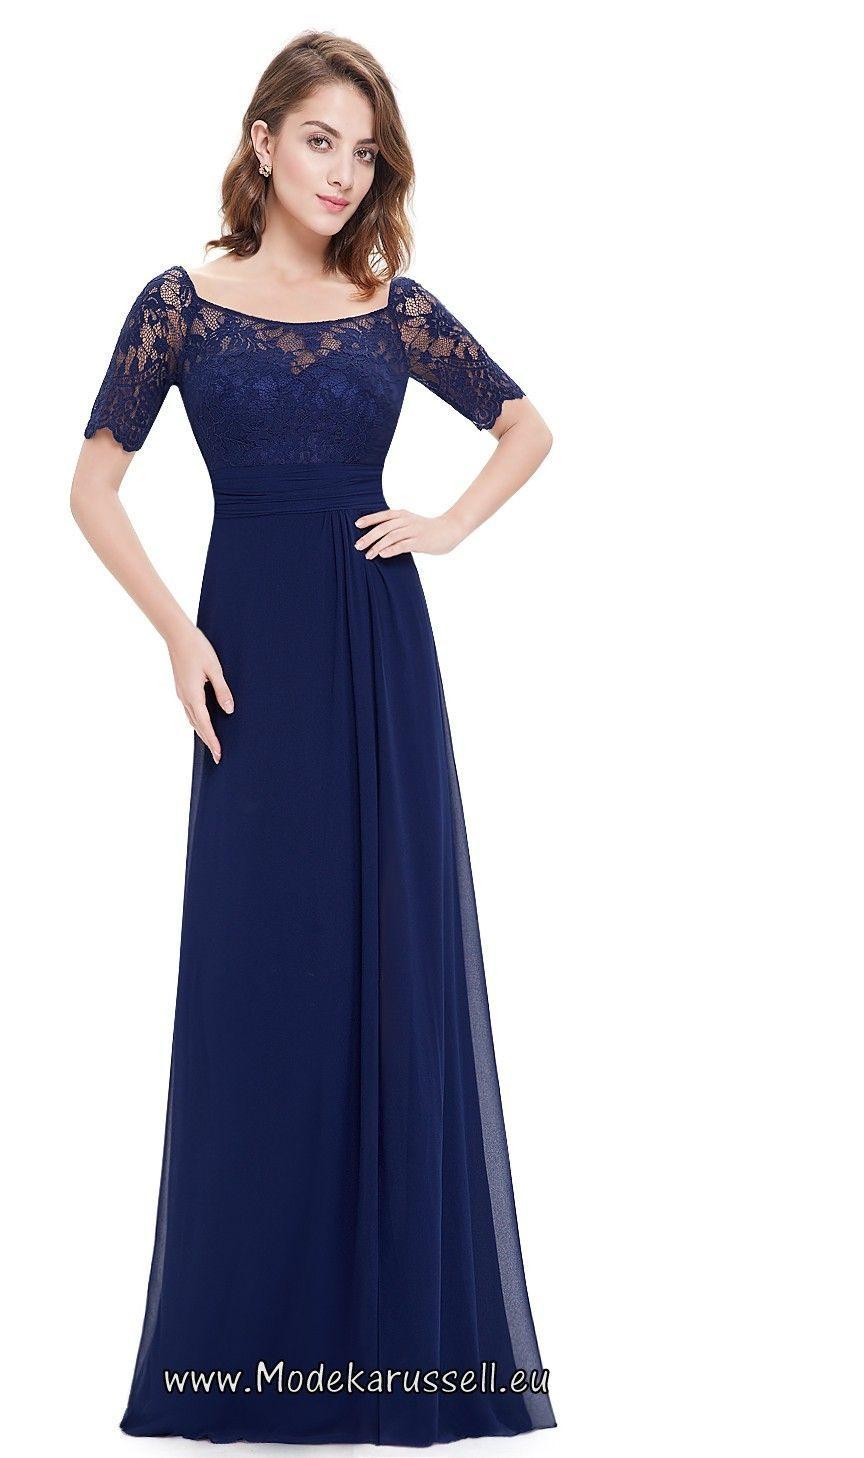 Formal Erstaunlich Abend Kleid Dunkel Blau ÄrmelFormal Perfekt Abend Kleid Dunkel Blau Boutique